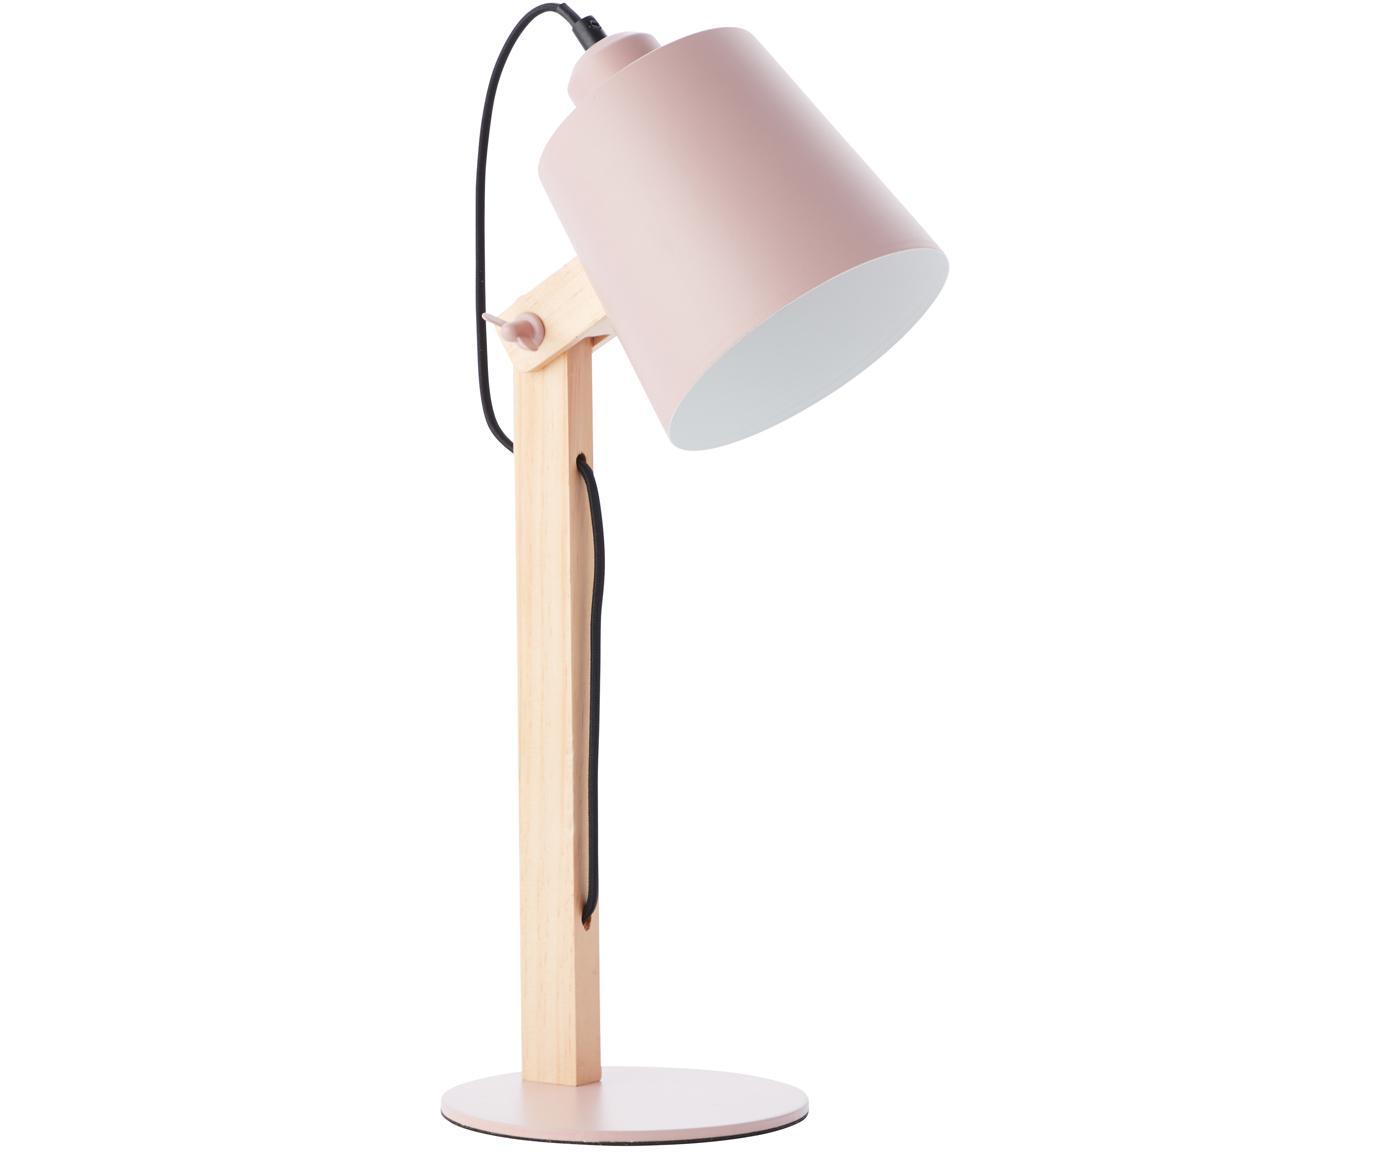 Skandi-Schreibtischlampe Swivel mit Holzfuß, Lampenschirm: Metall, Lampenfuß: Metall, Rosa, Holz, 16 x 52 cm